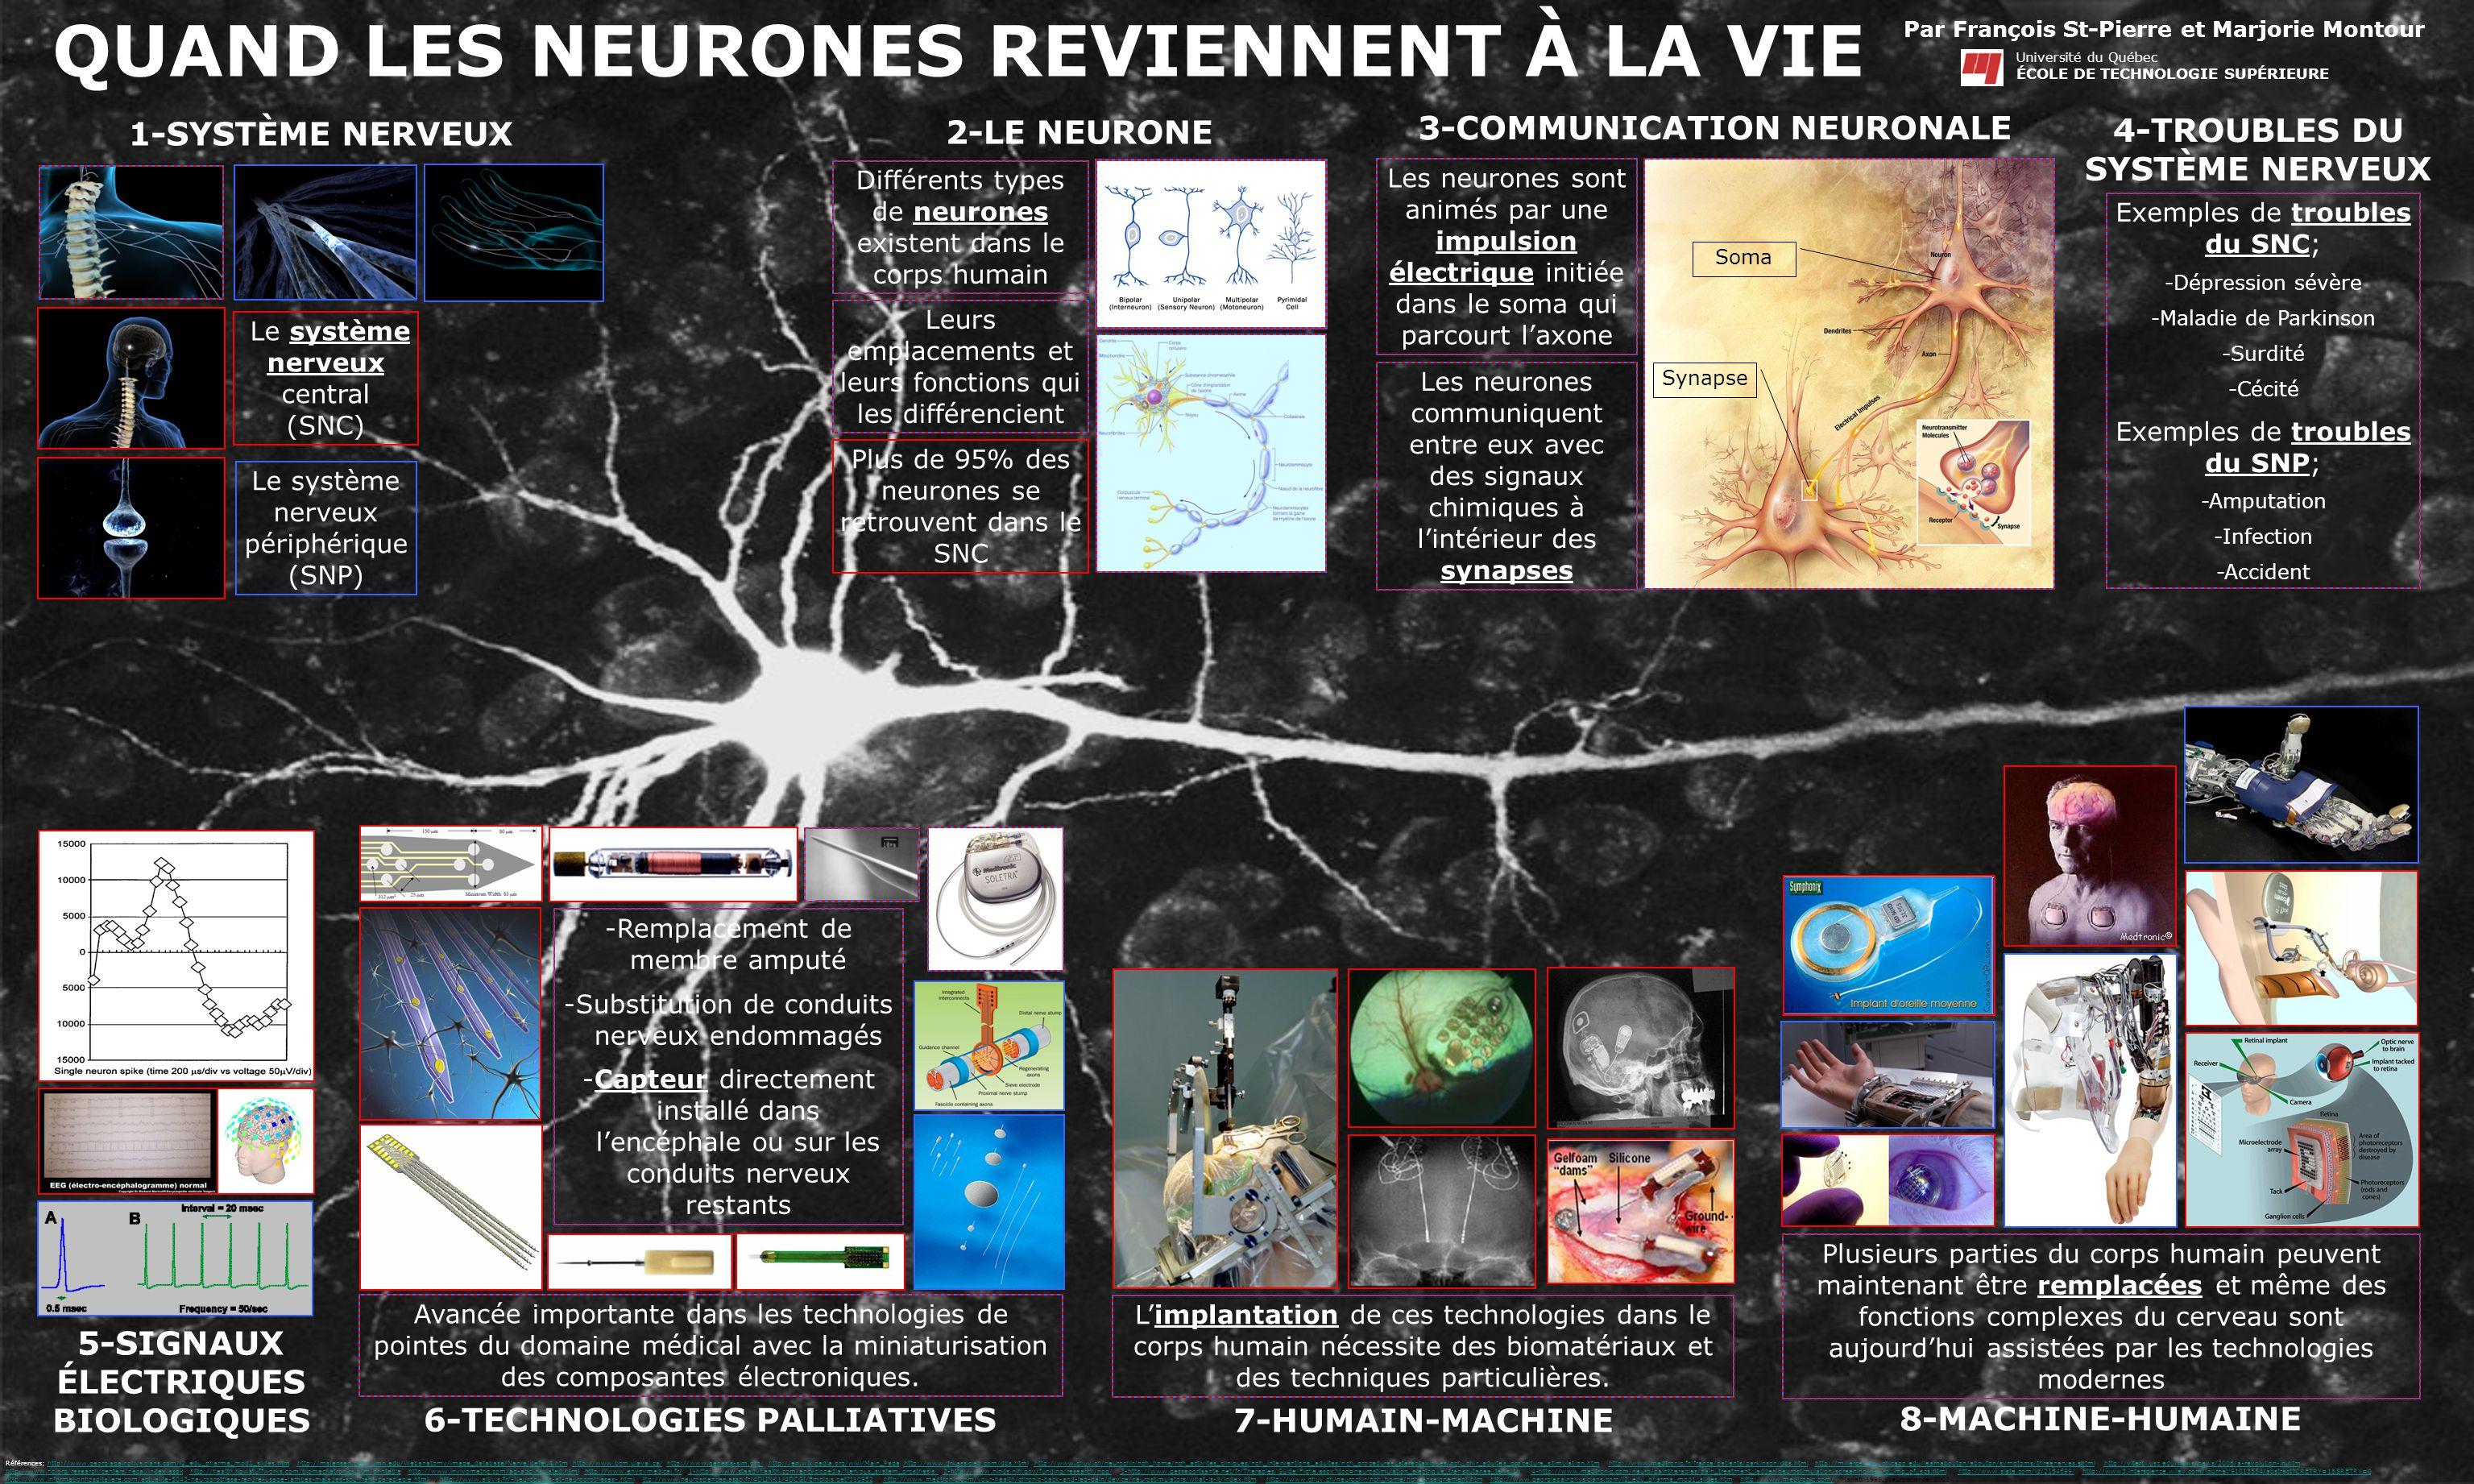 QUAND LES NEURONES REVIENNENT À LA VIE Références; http://www.georgiapainphysicians.com/l2_edu_pharma_mod1_slides.htm, http://msjensen.cehd.umn.edu/We